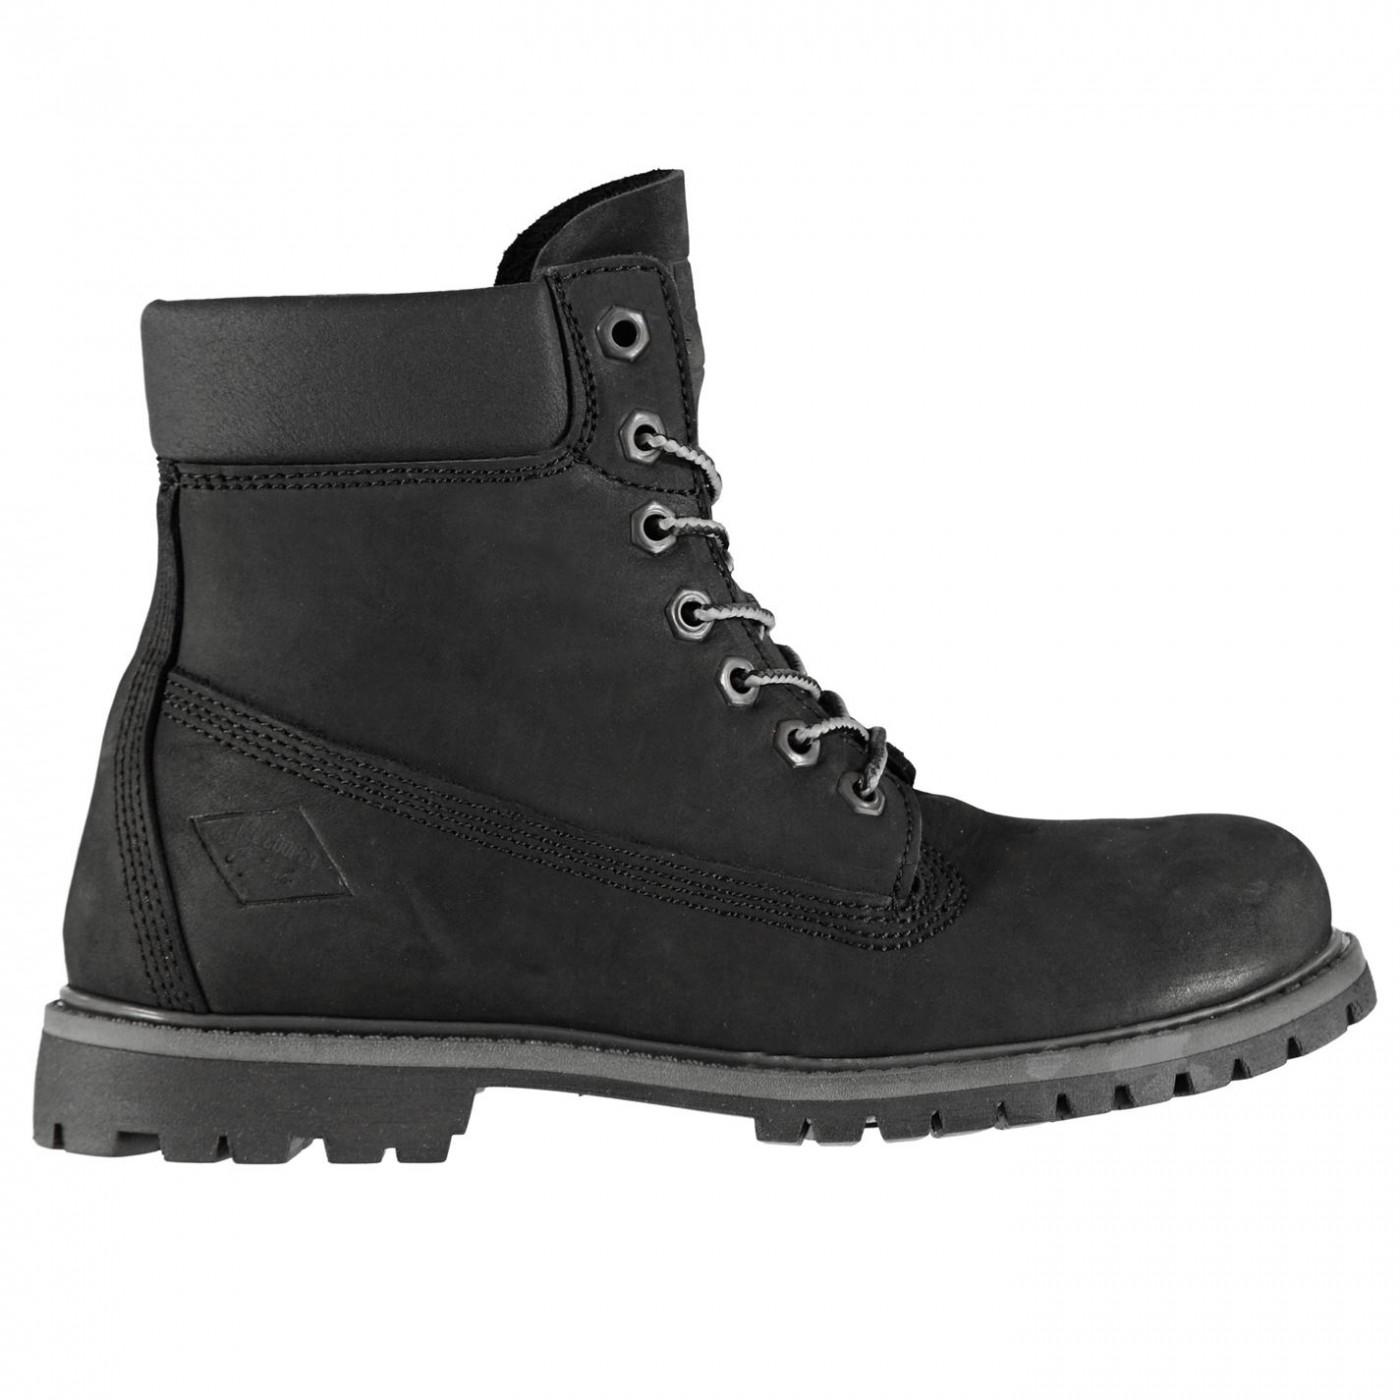 Lee Cooper 6in Ladies Boots